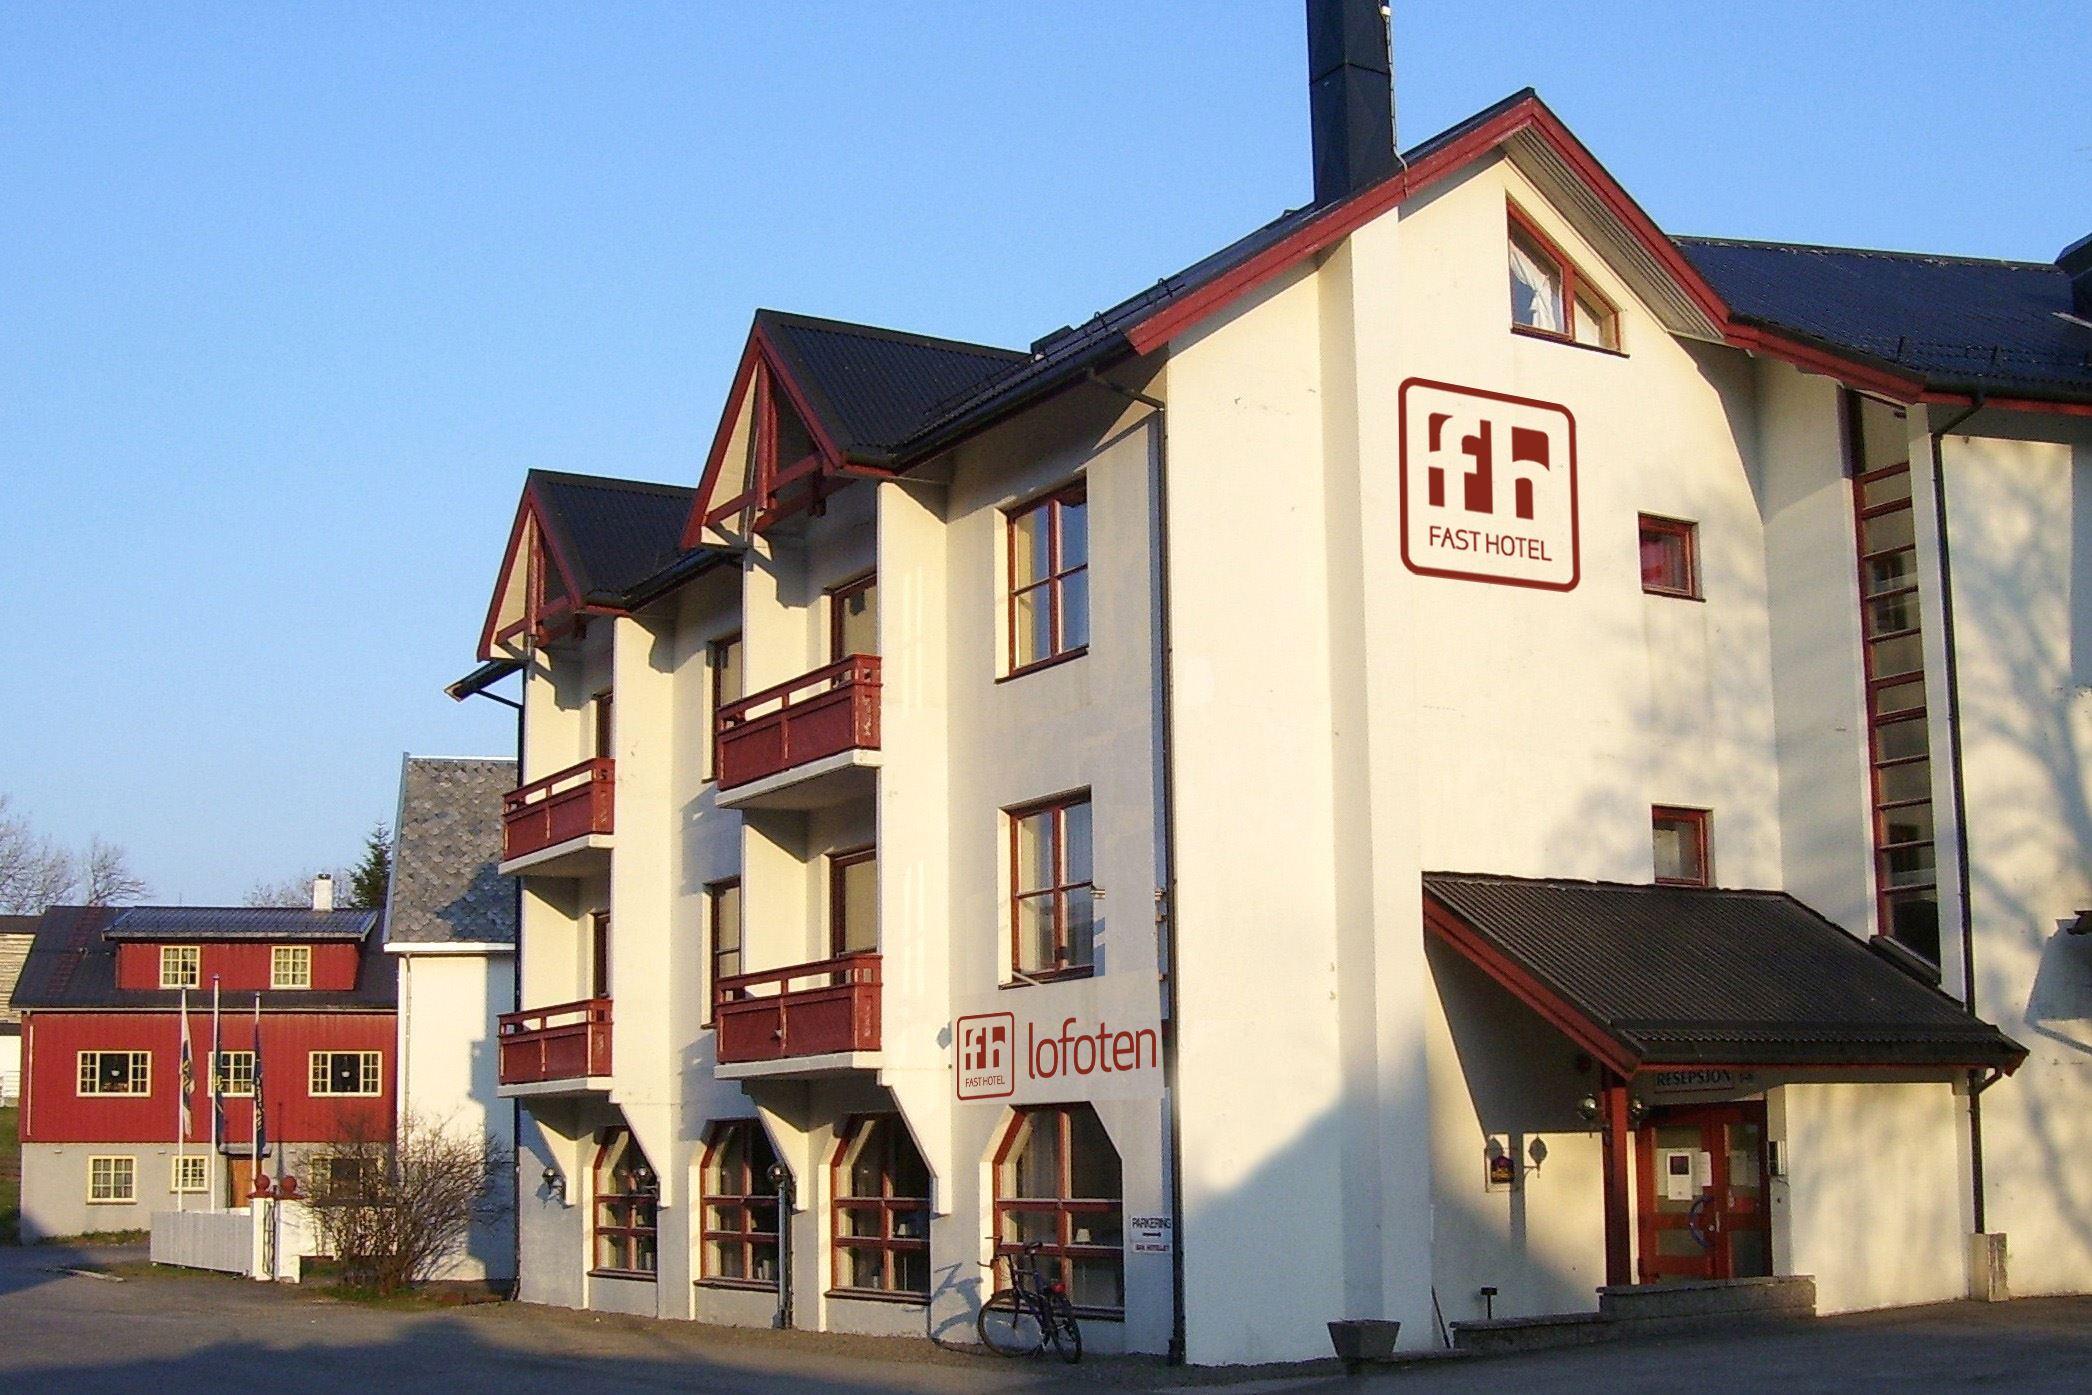 Fast Hotel Lofoten